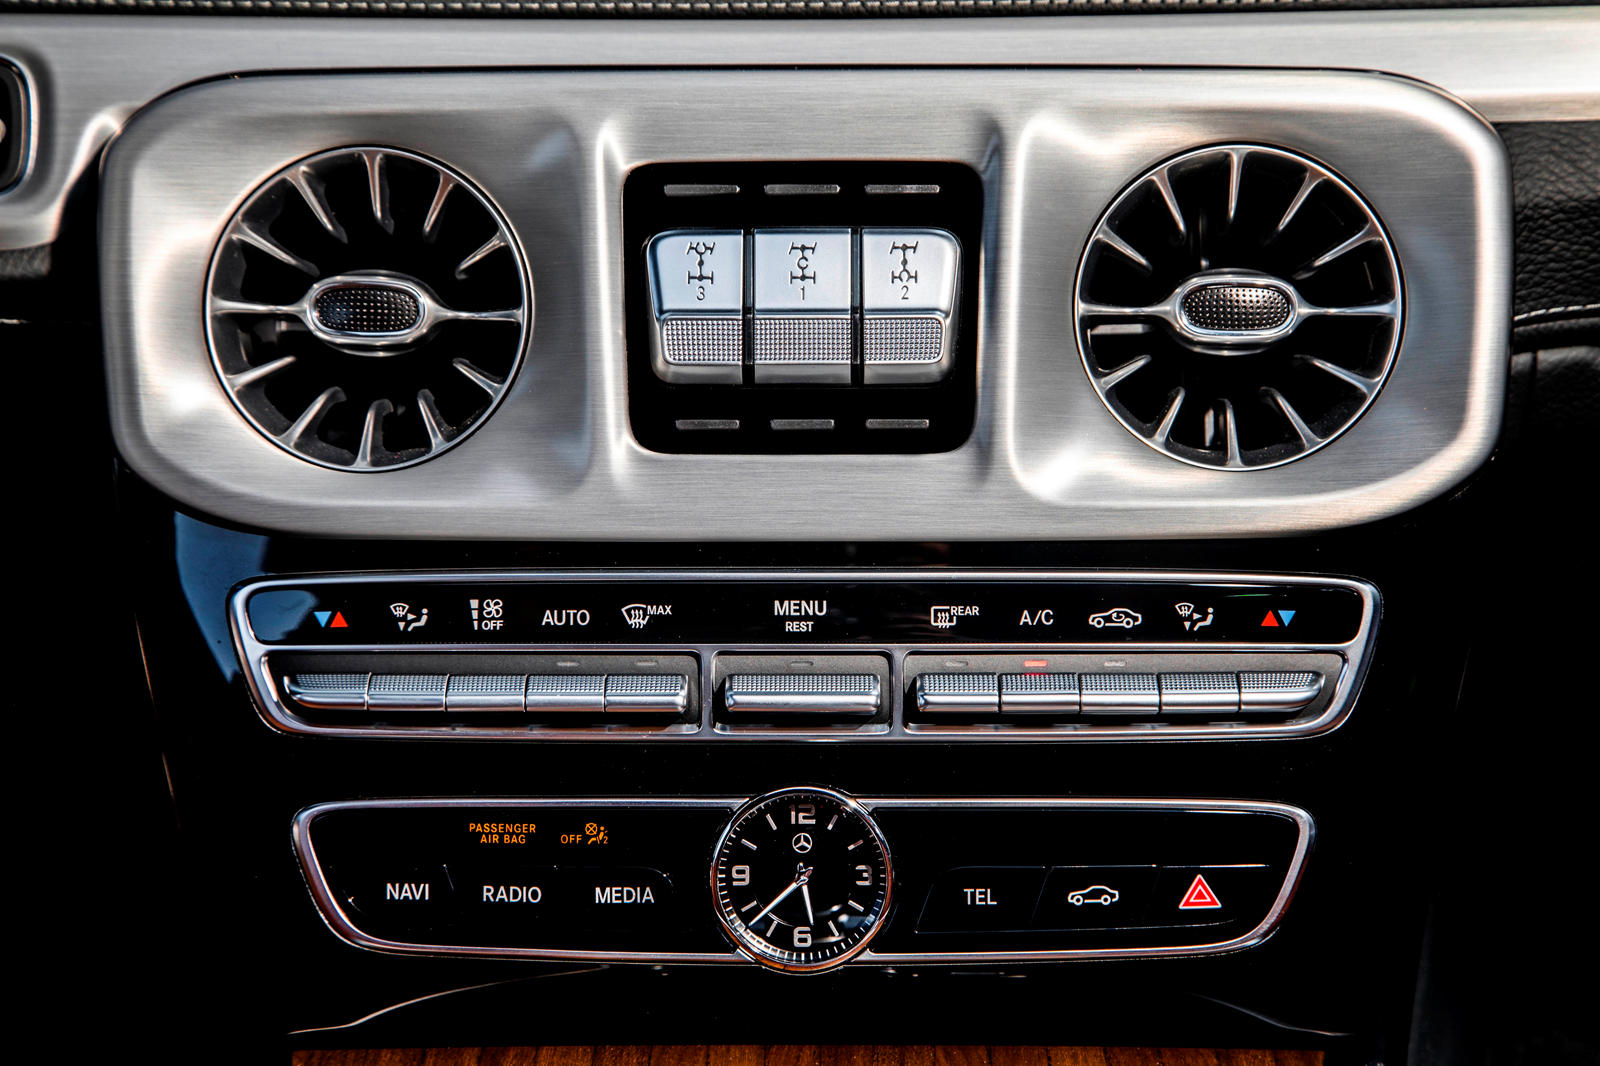 Mercedes G-Class Tri-Zone Climate Control